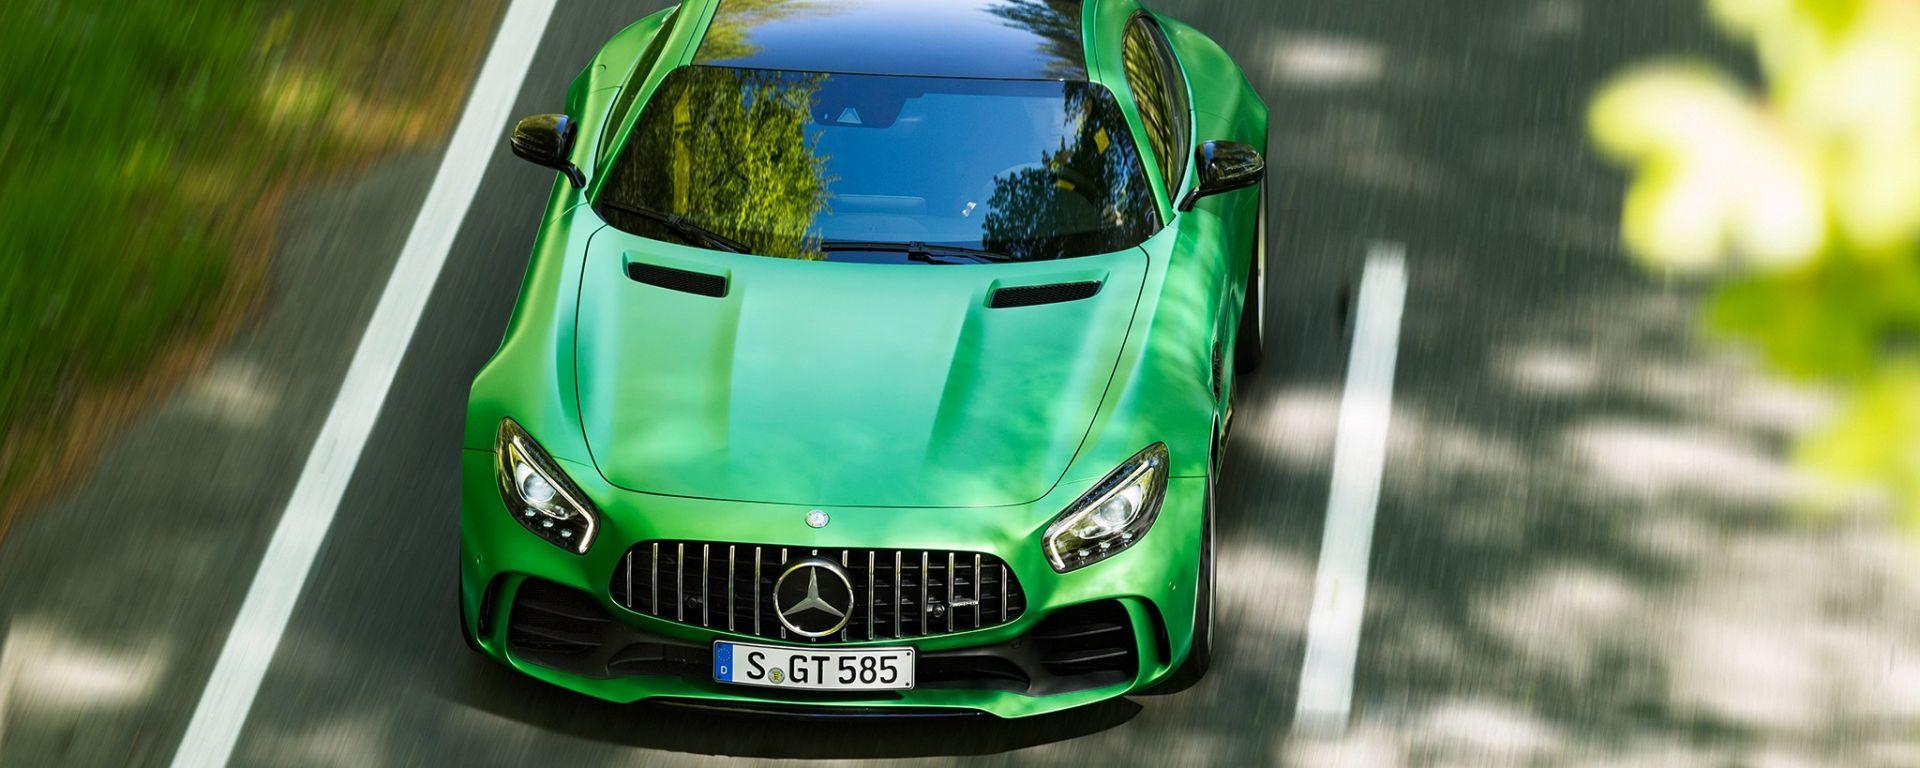 Mercedes AMG GTR - A spasso per Maranello. Sfottò o omaggio per la Ferrari?